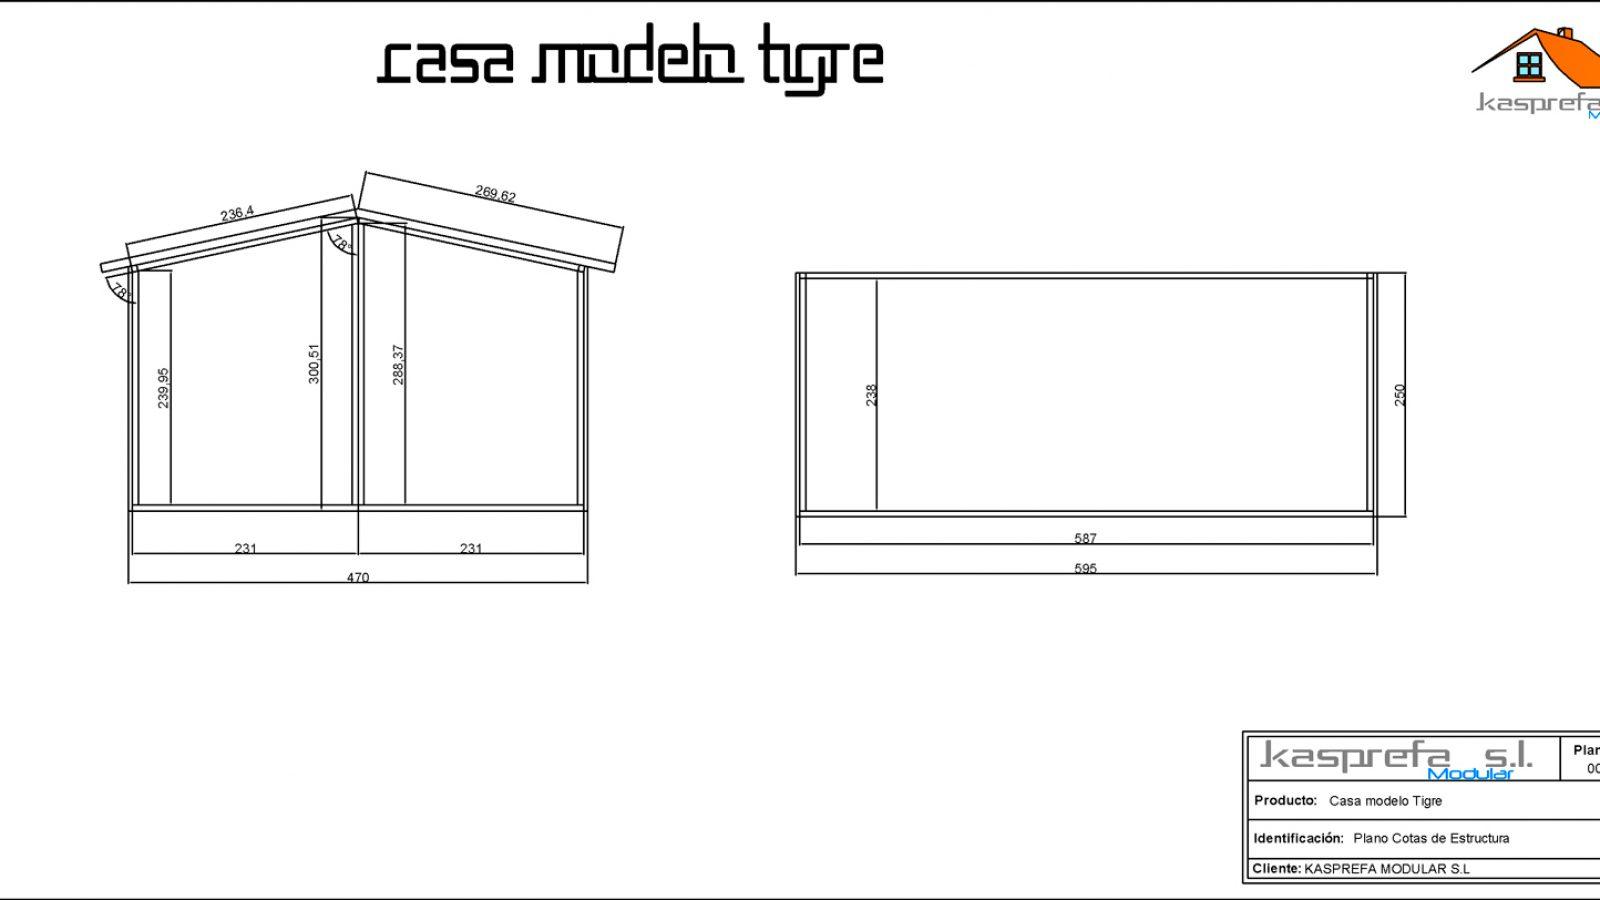 004-plano-dimensiones-estructura-tigre-kasprefa